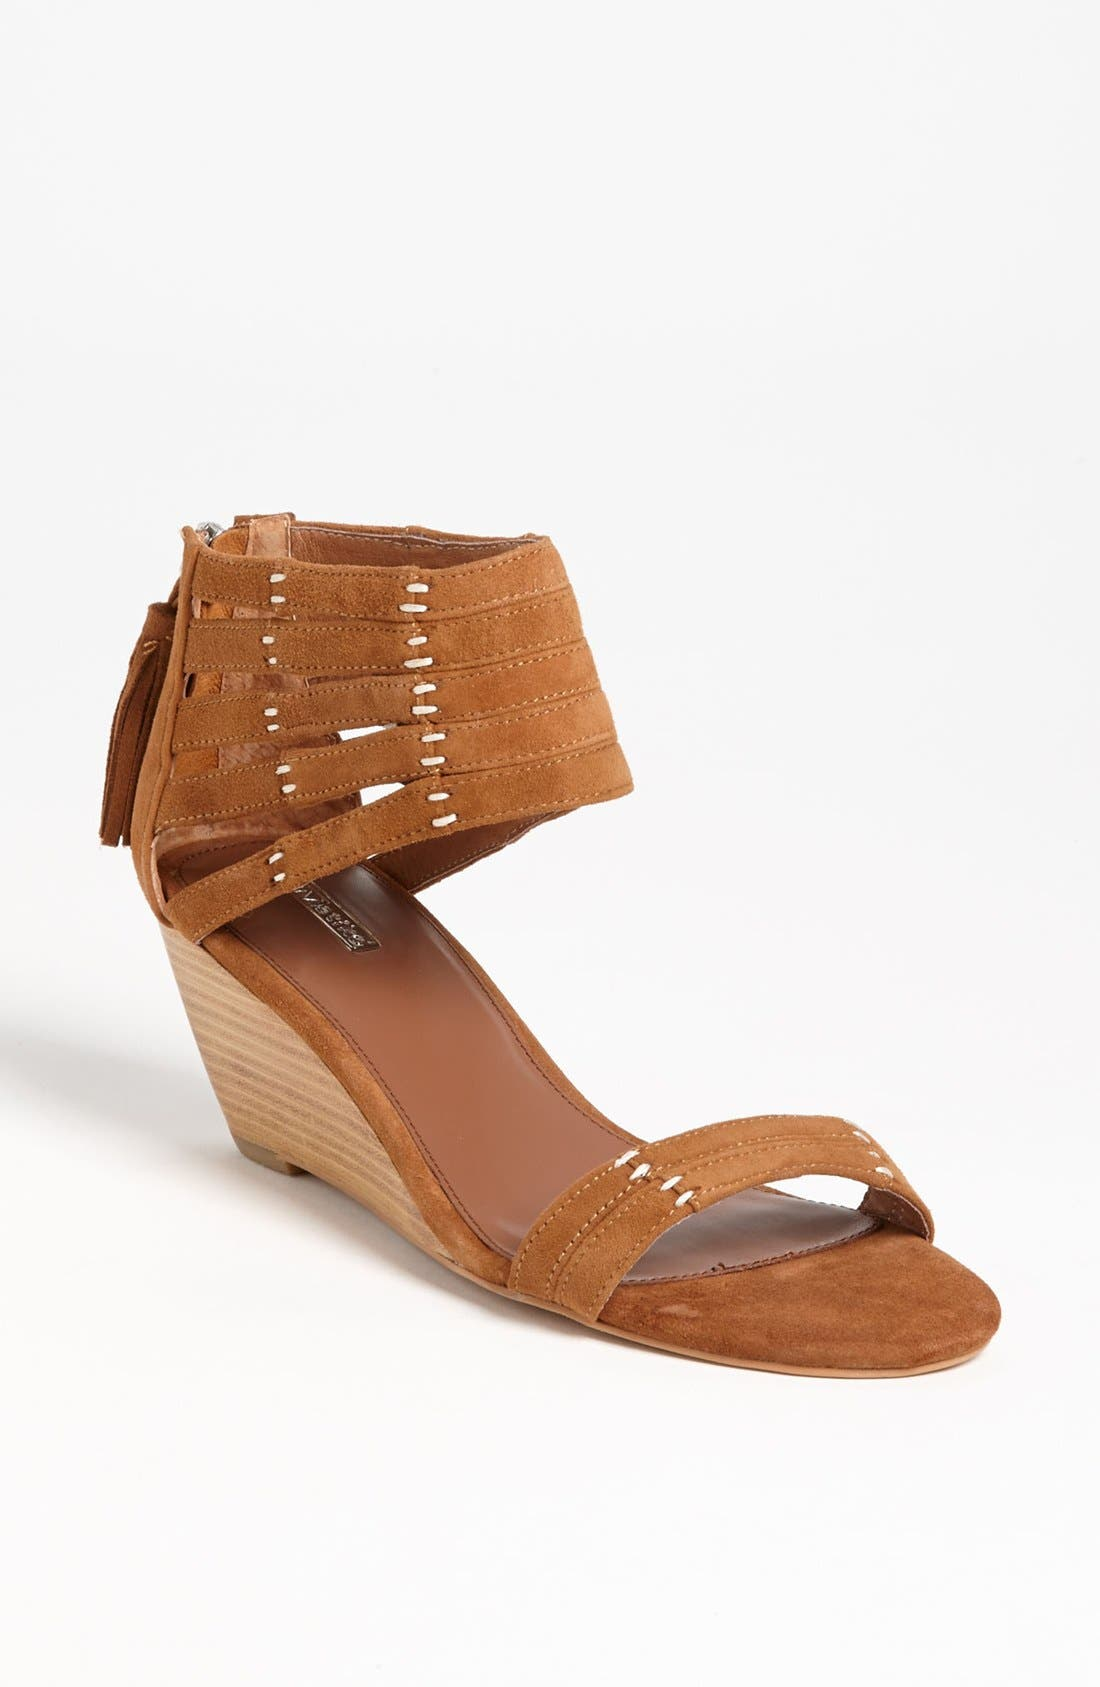 Alternate Image 1 Selected - Matiko 'Laura' Wedge Sandal